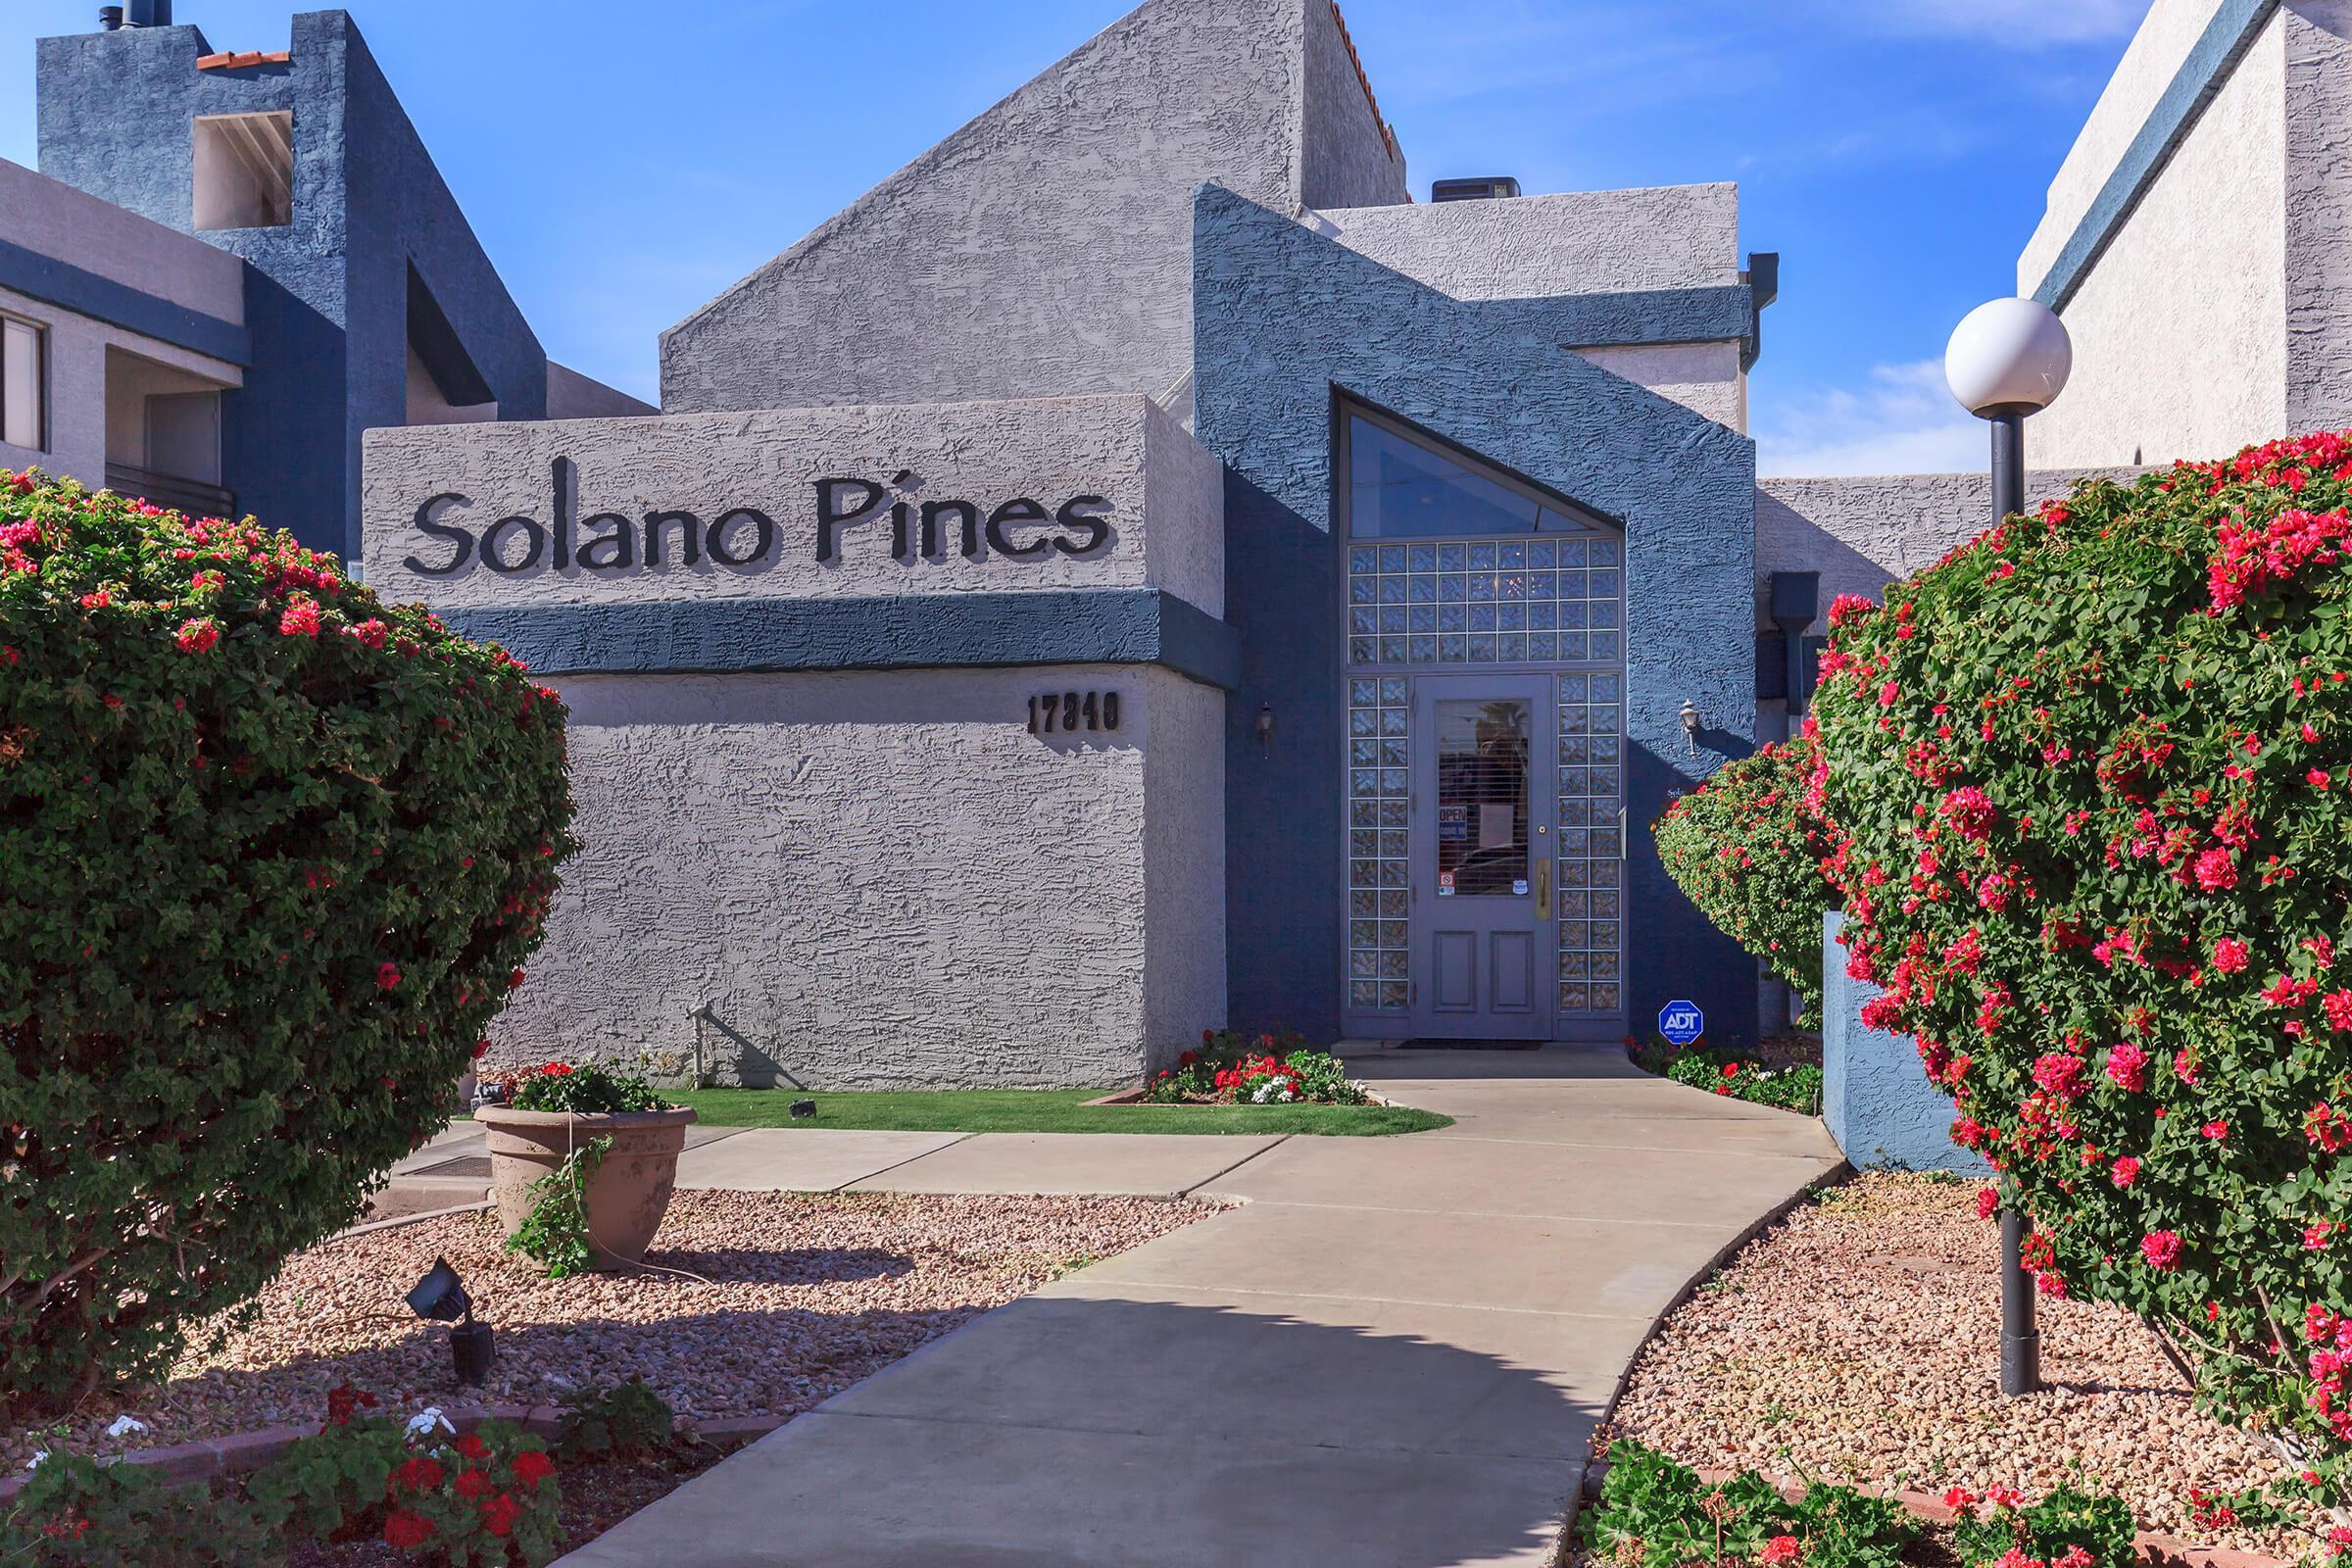 Solano Pines